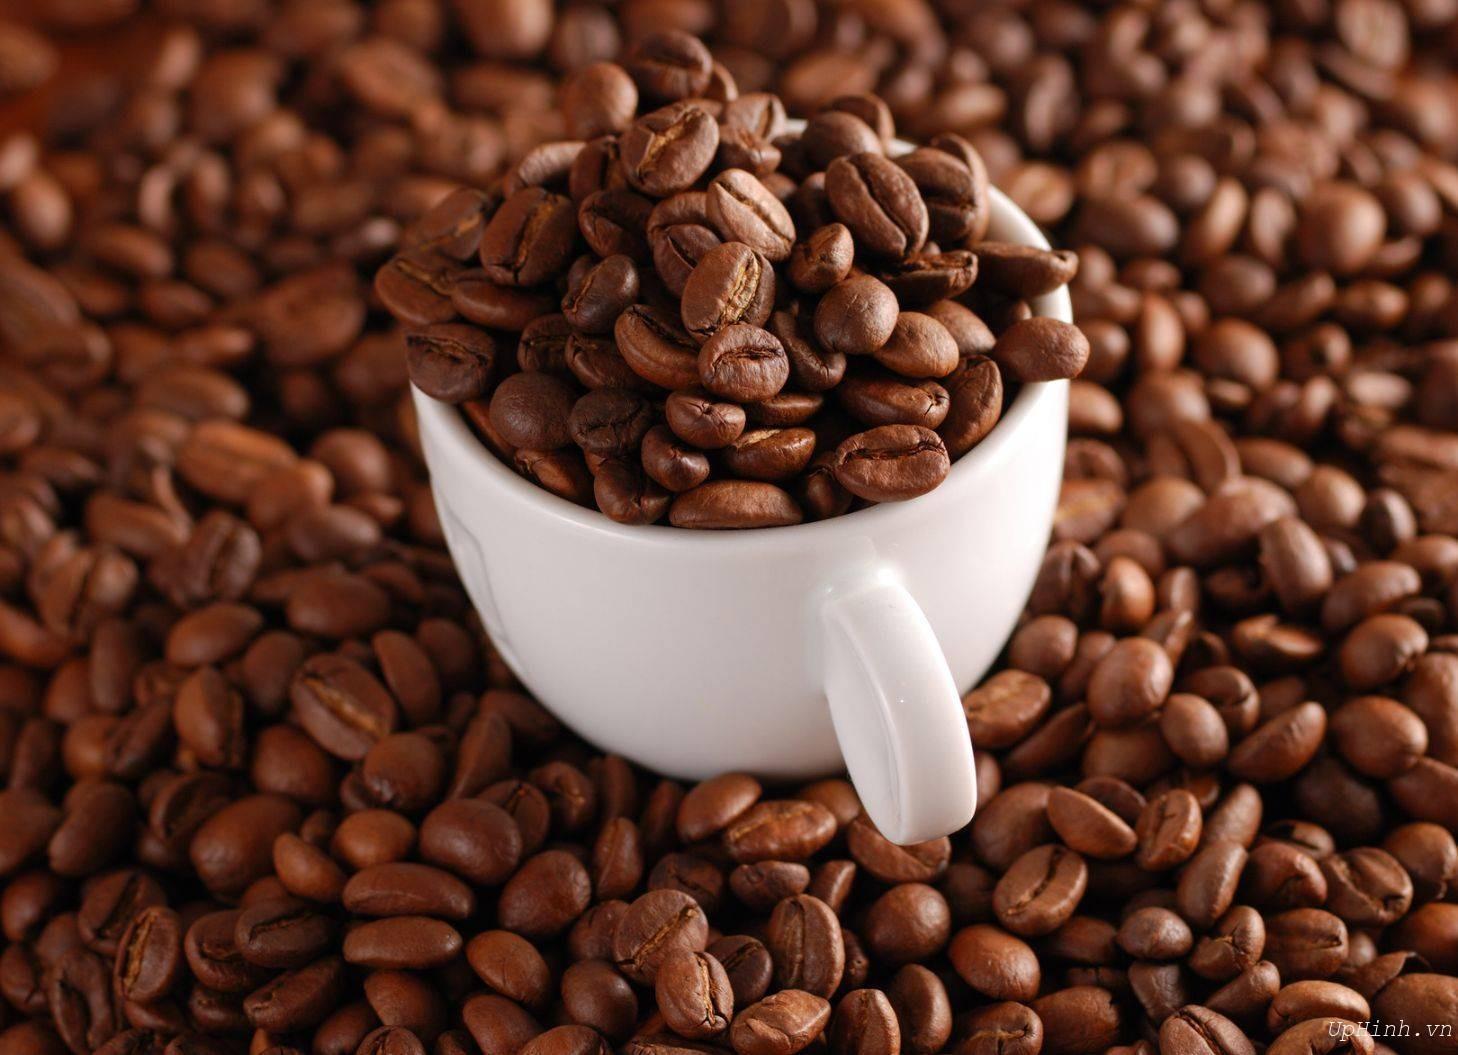 NGUYEN CHAT COFFEE chiết khấu ưu đãi khi mua cà phê Arabica sỉ.